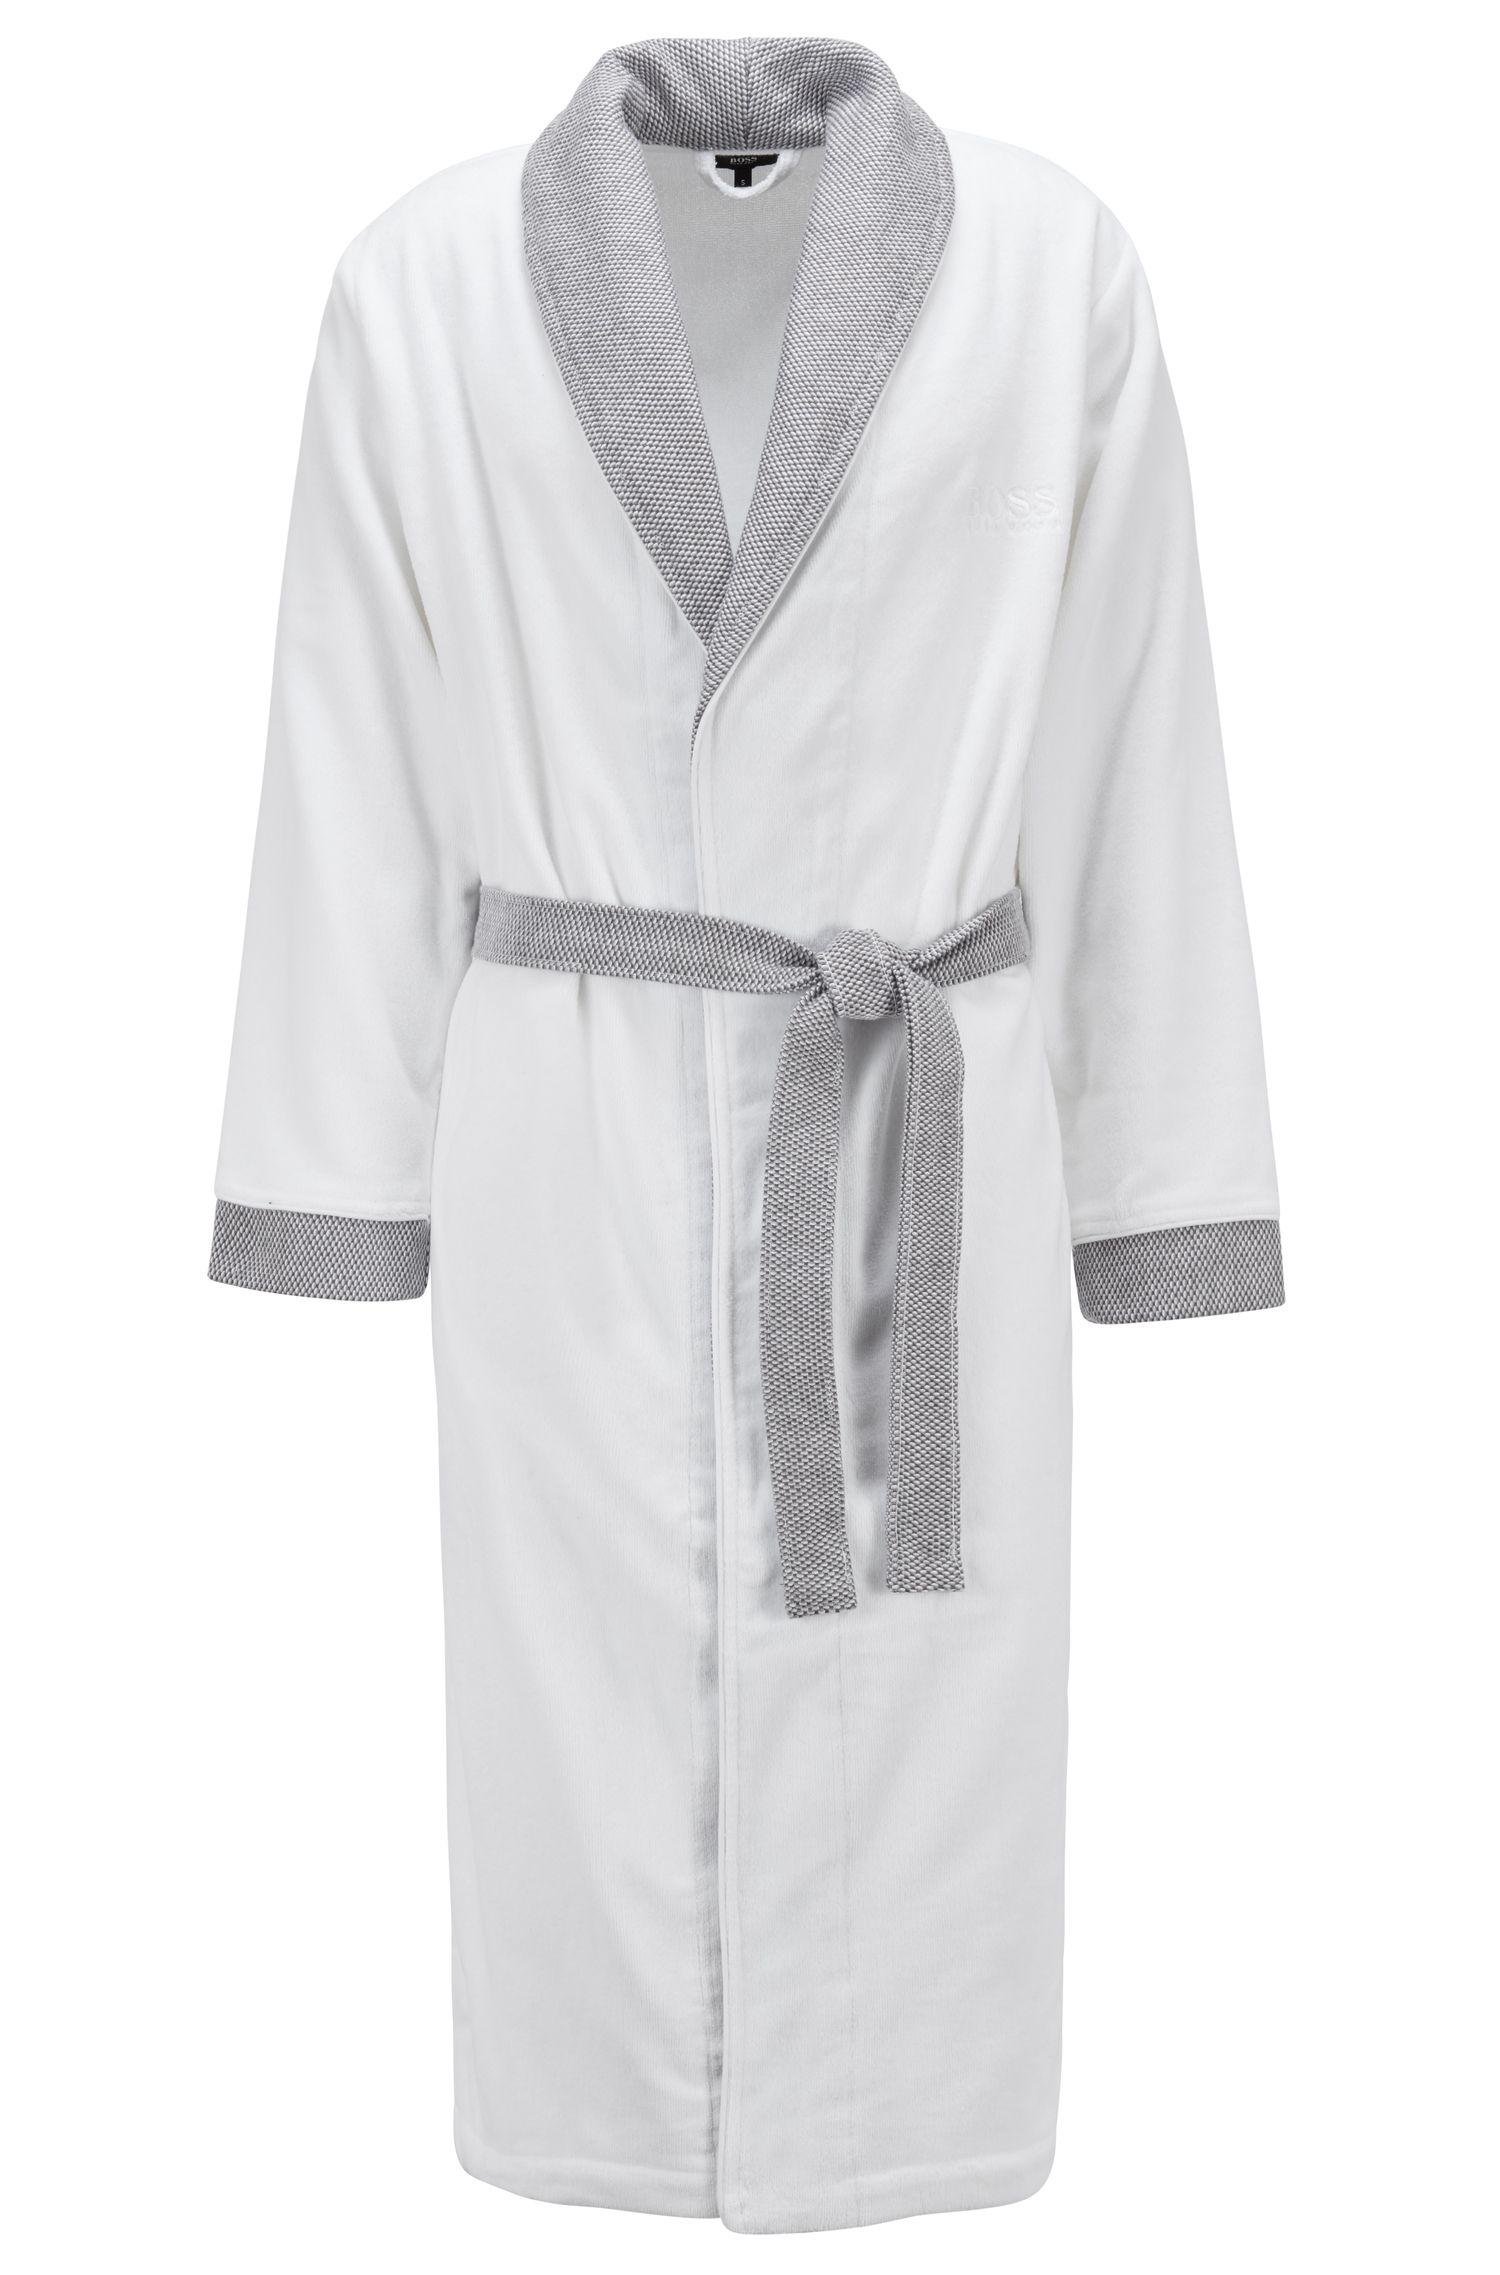 Cotton bathrobe with shawl collar, White